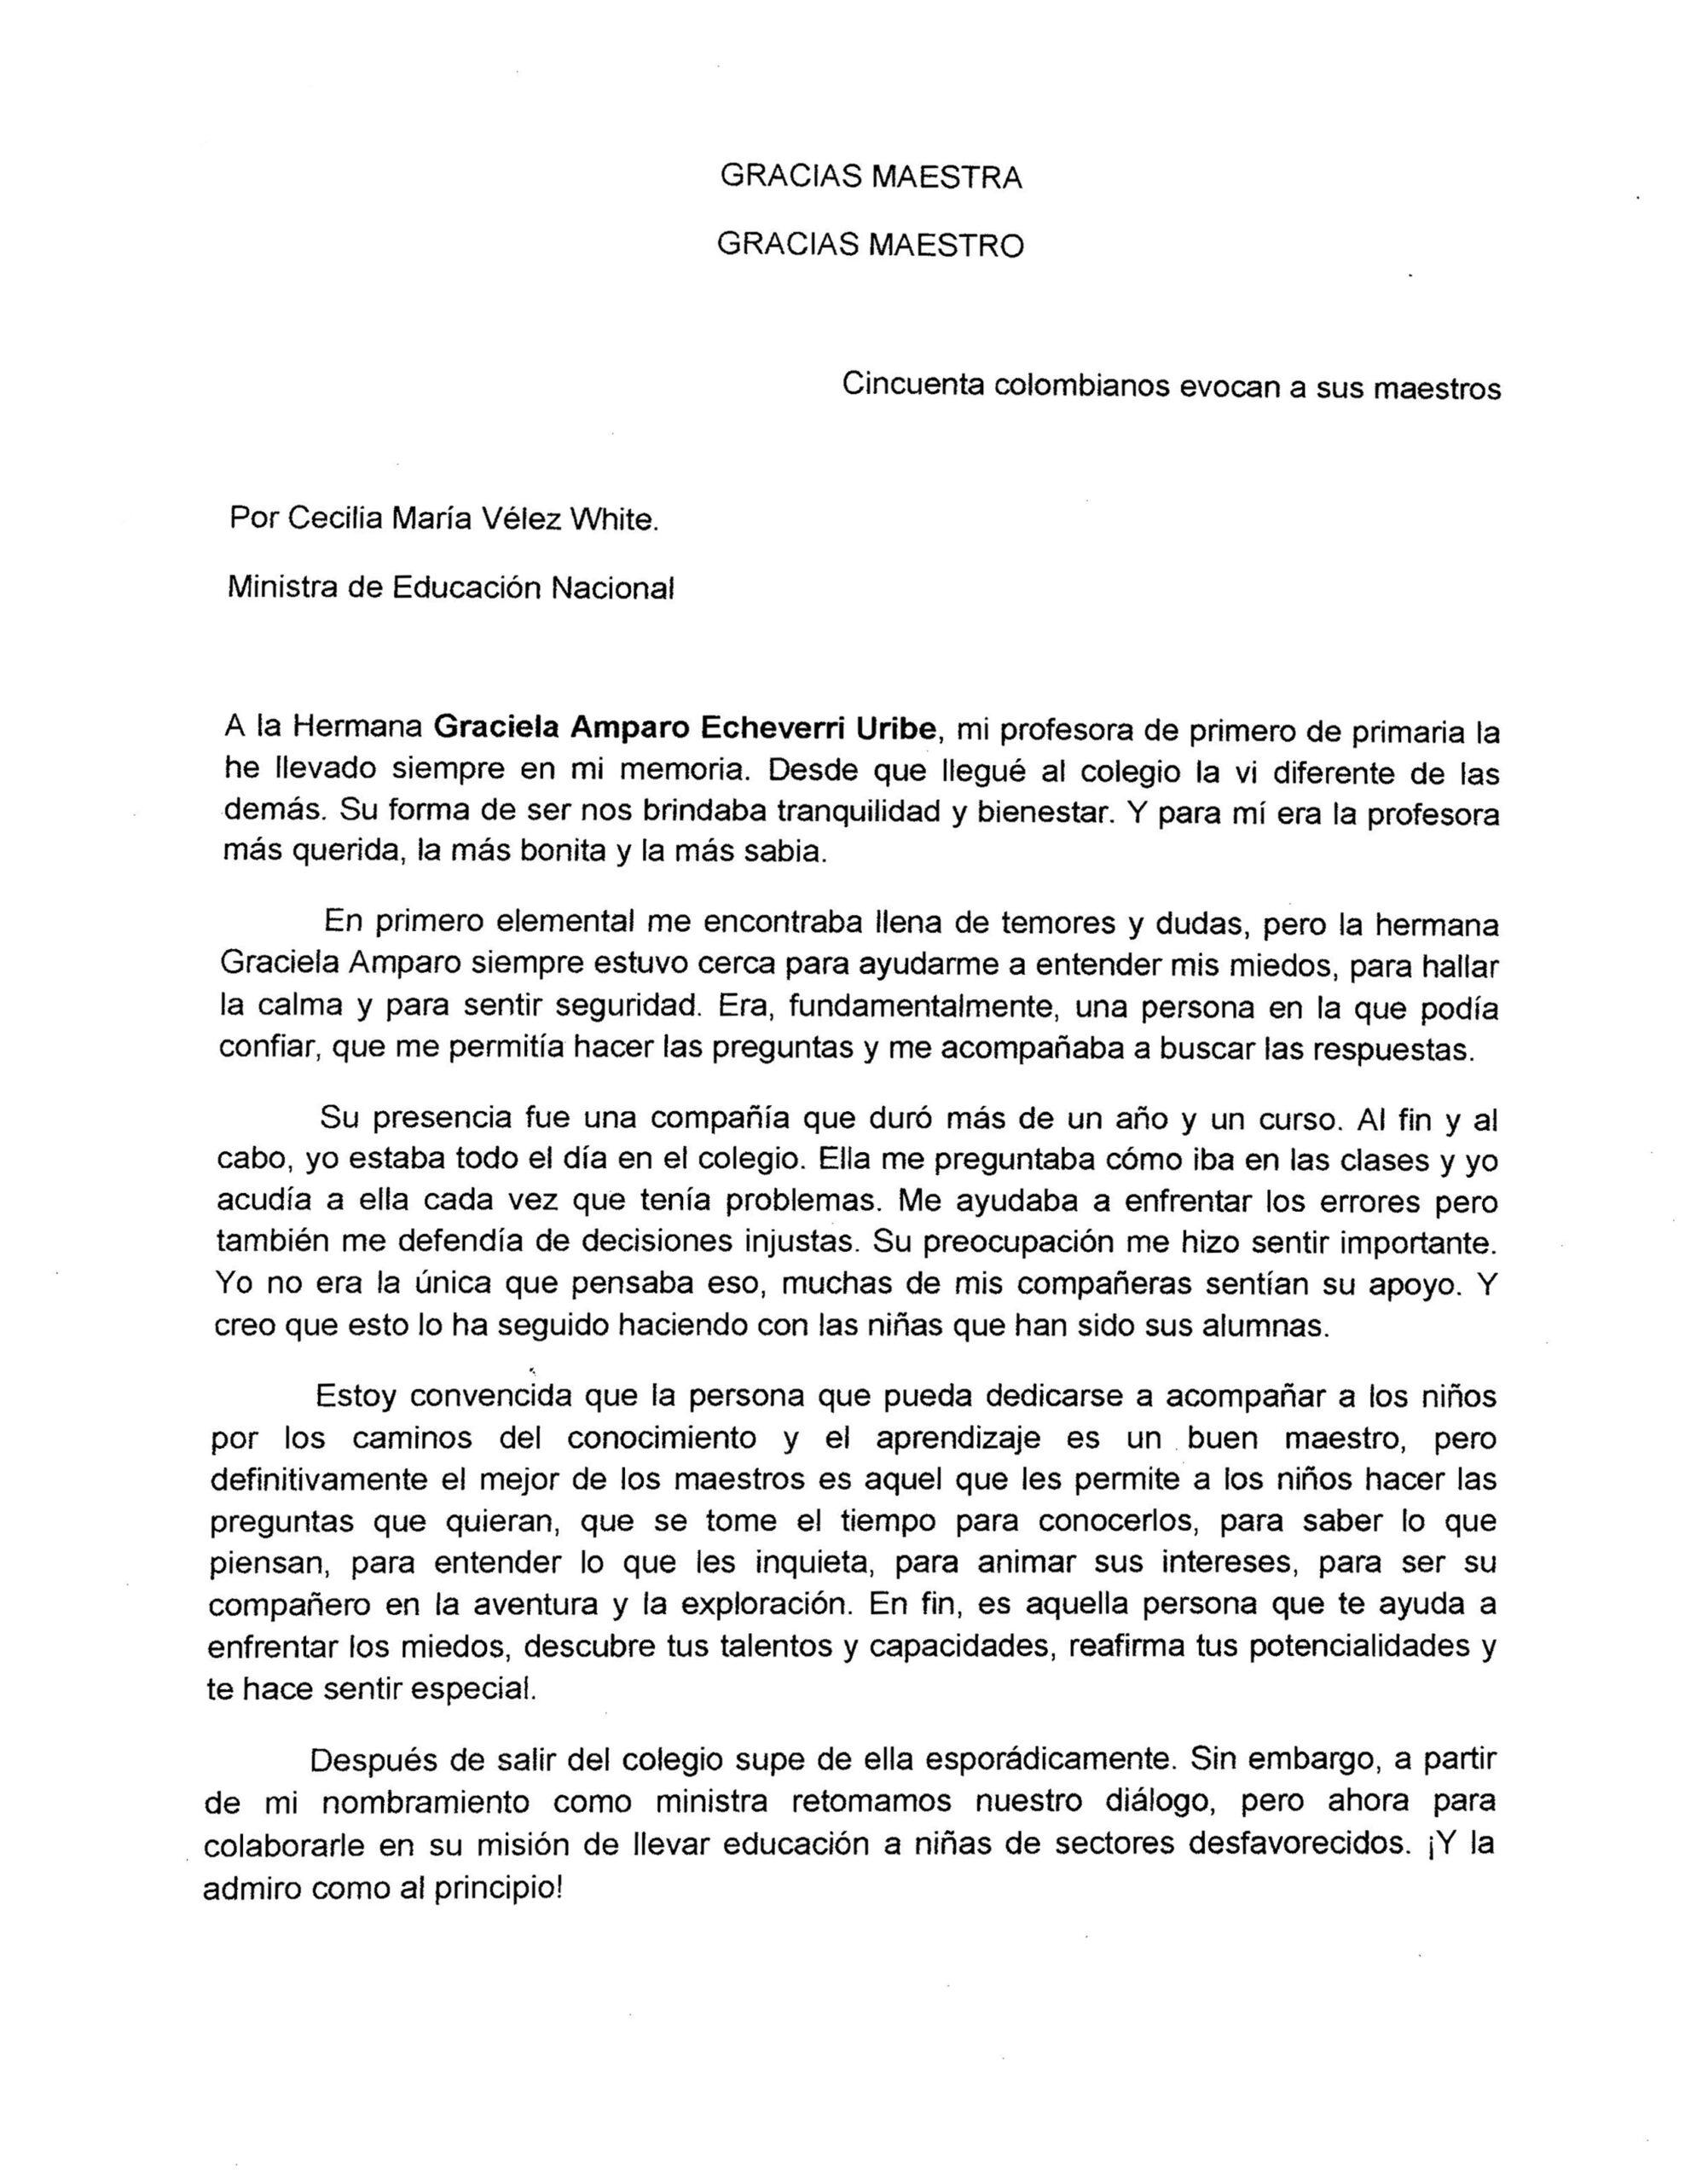 Testimonio de Cecilia María Vélez